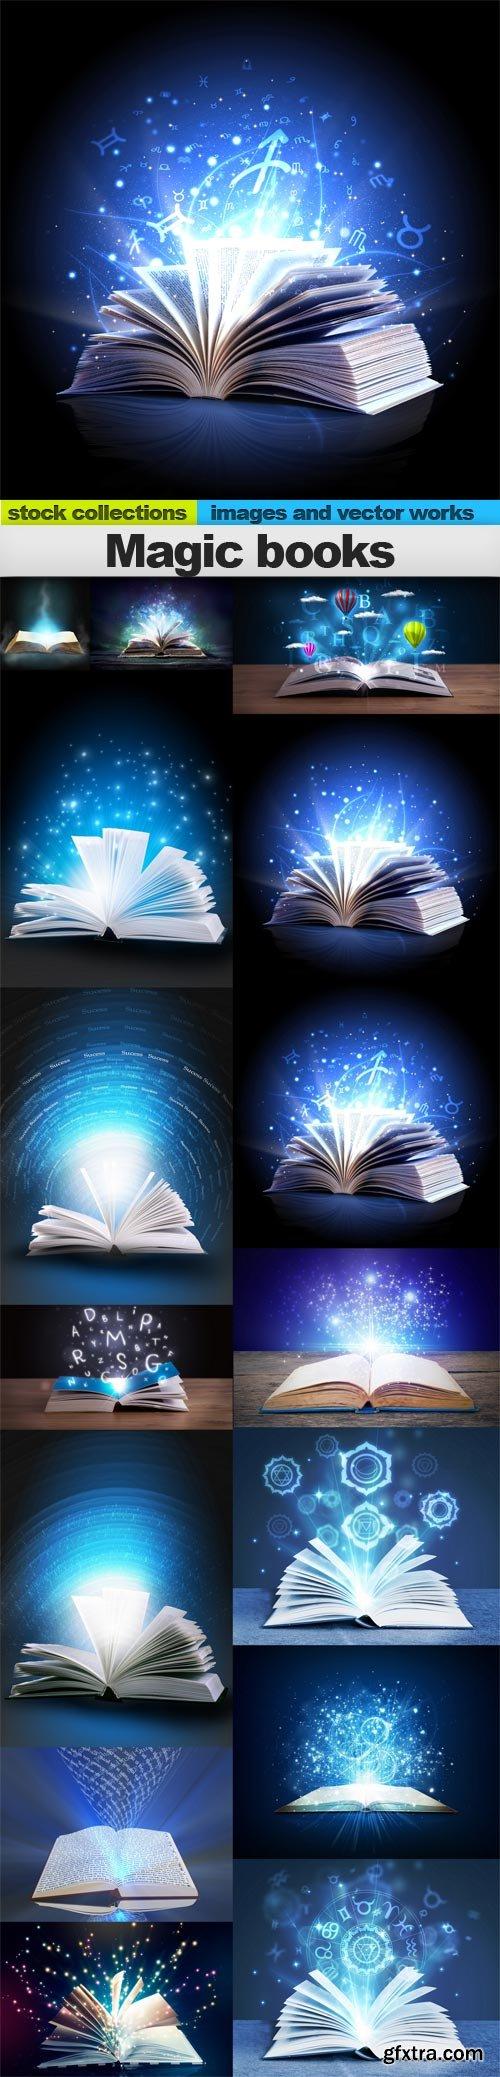 Magic books, 15 x UHQ JPEG